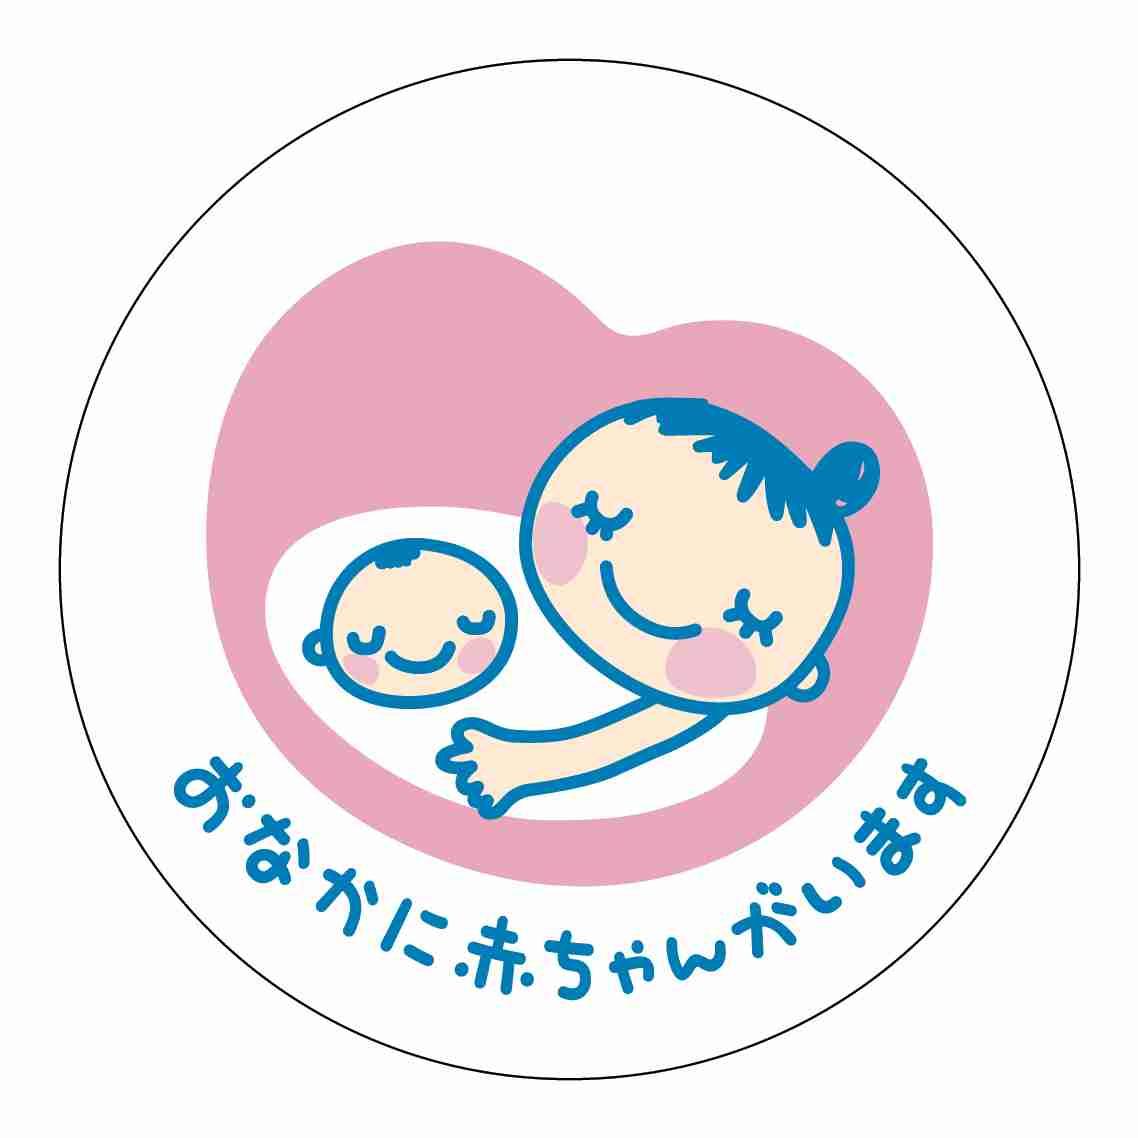 松本人志 マタニティマークのデザインにダメ出し「ちょっと幸せ過ぎる」